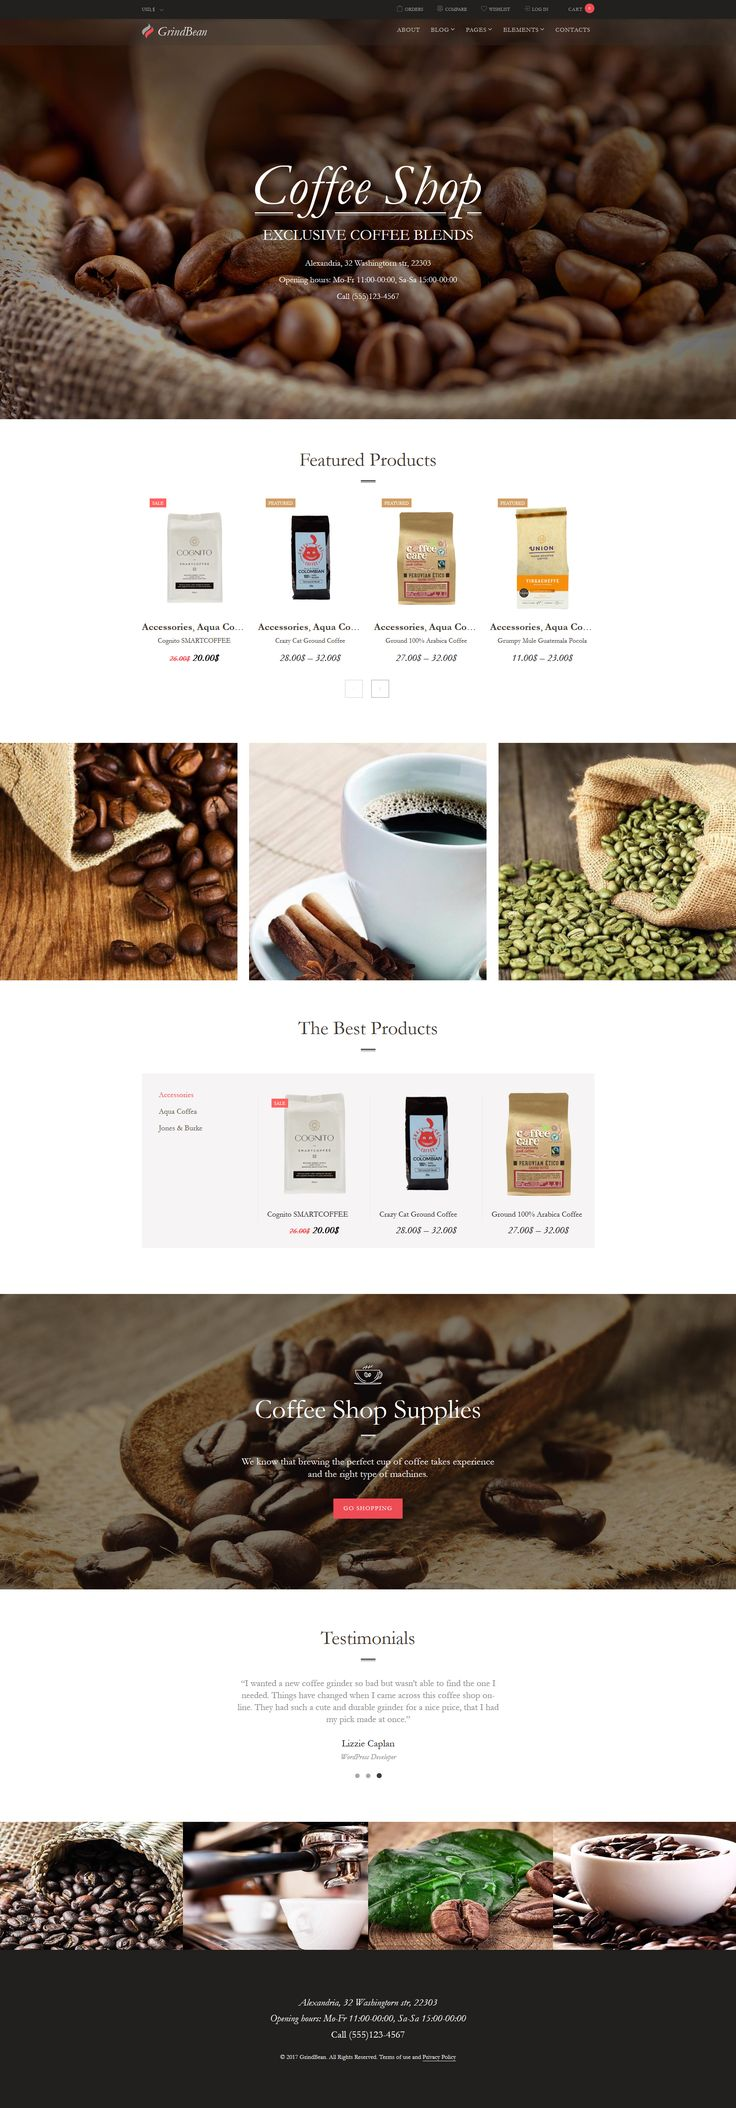 GrindBean - Coffee Shop WooCommerce Theme #64026